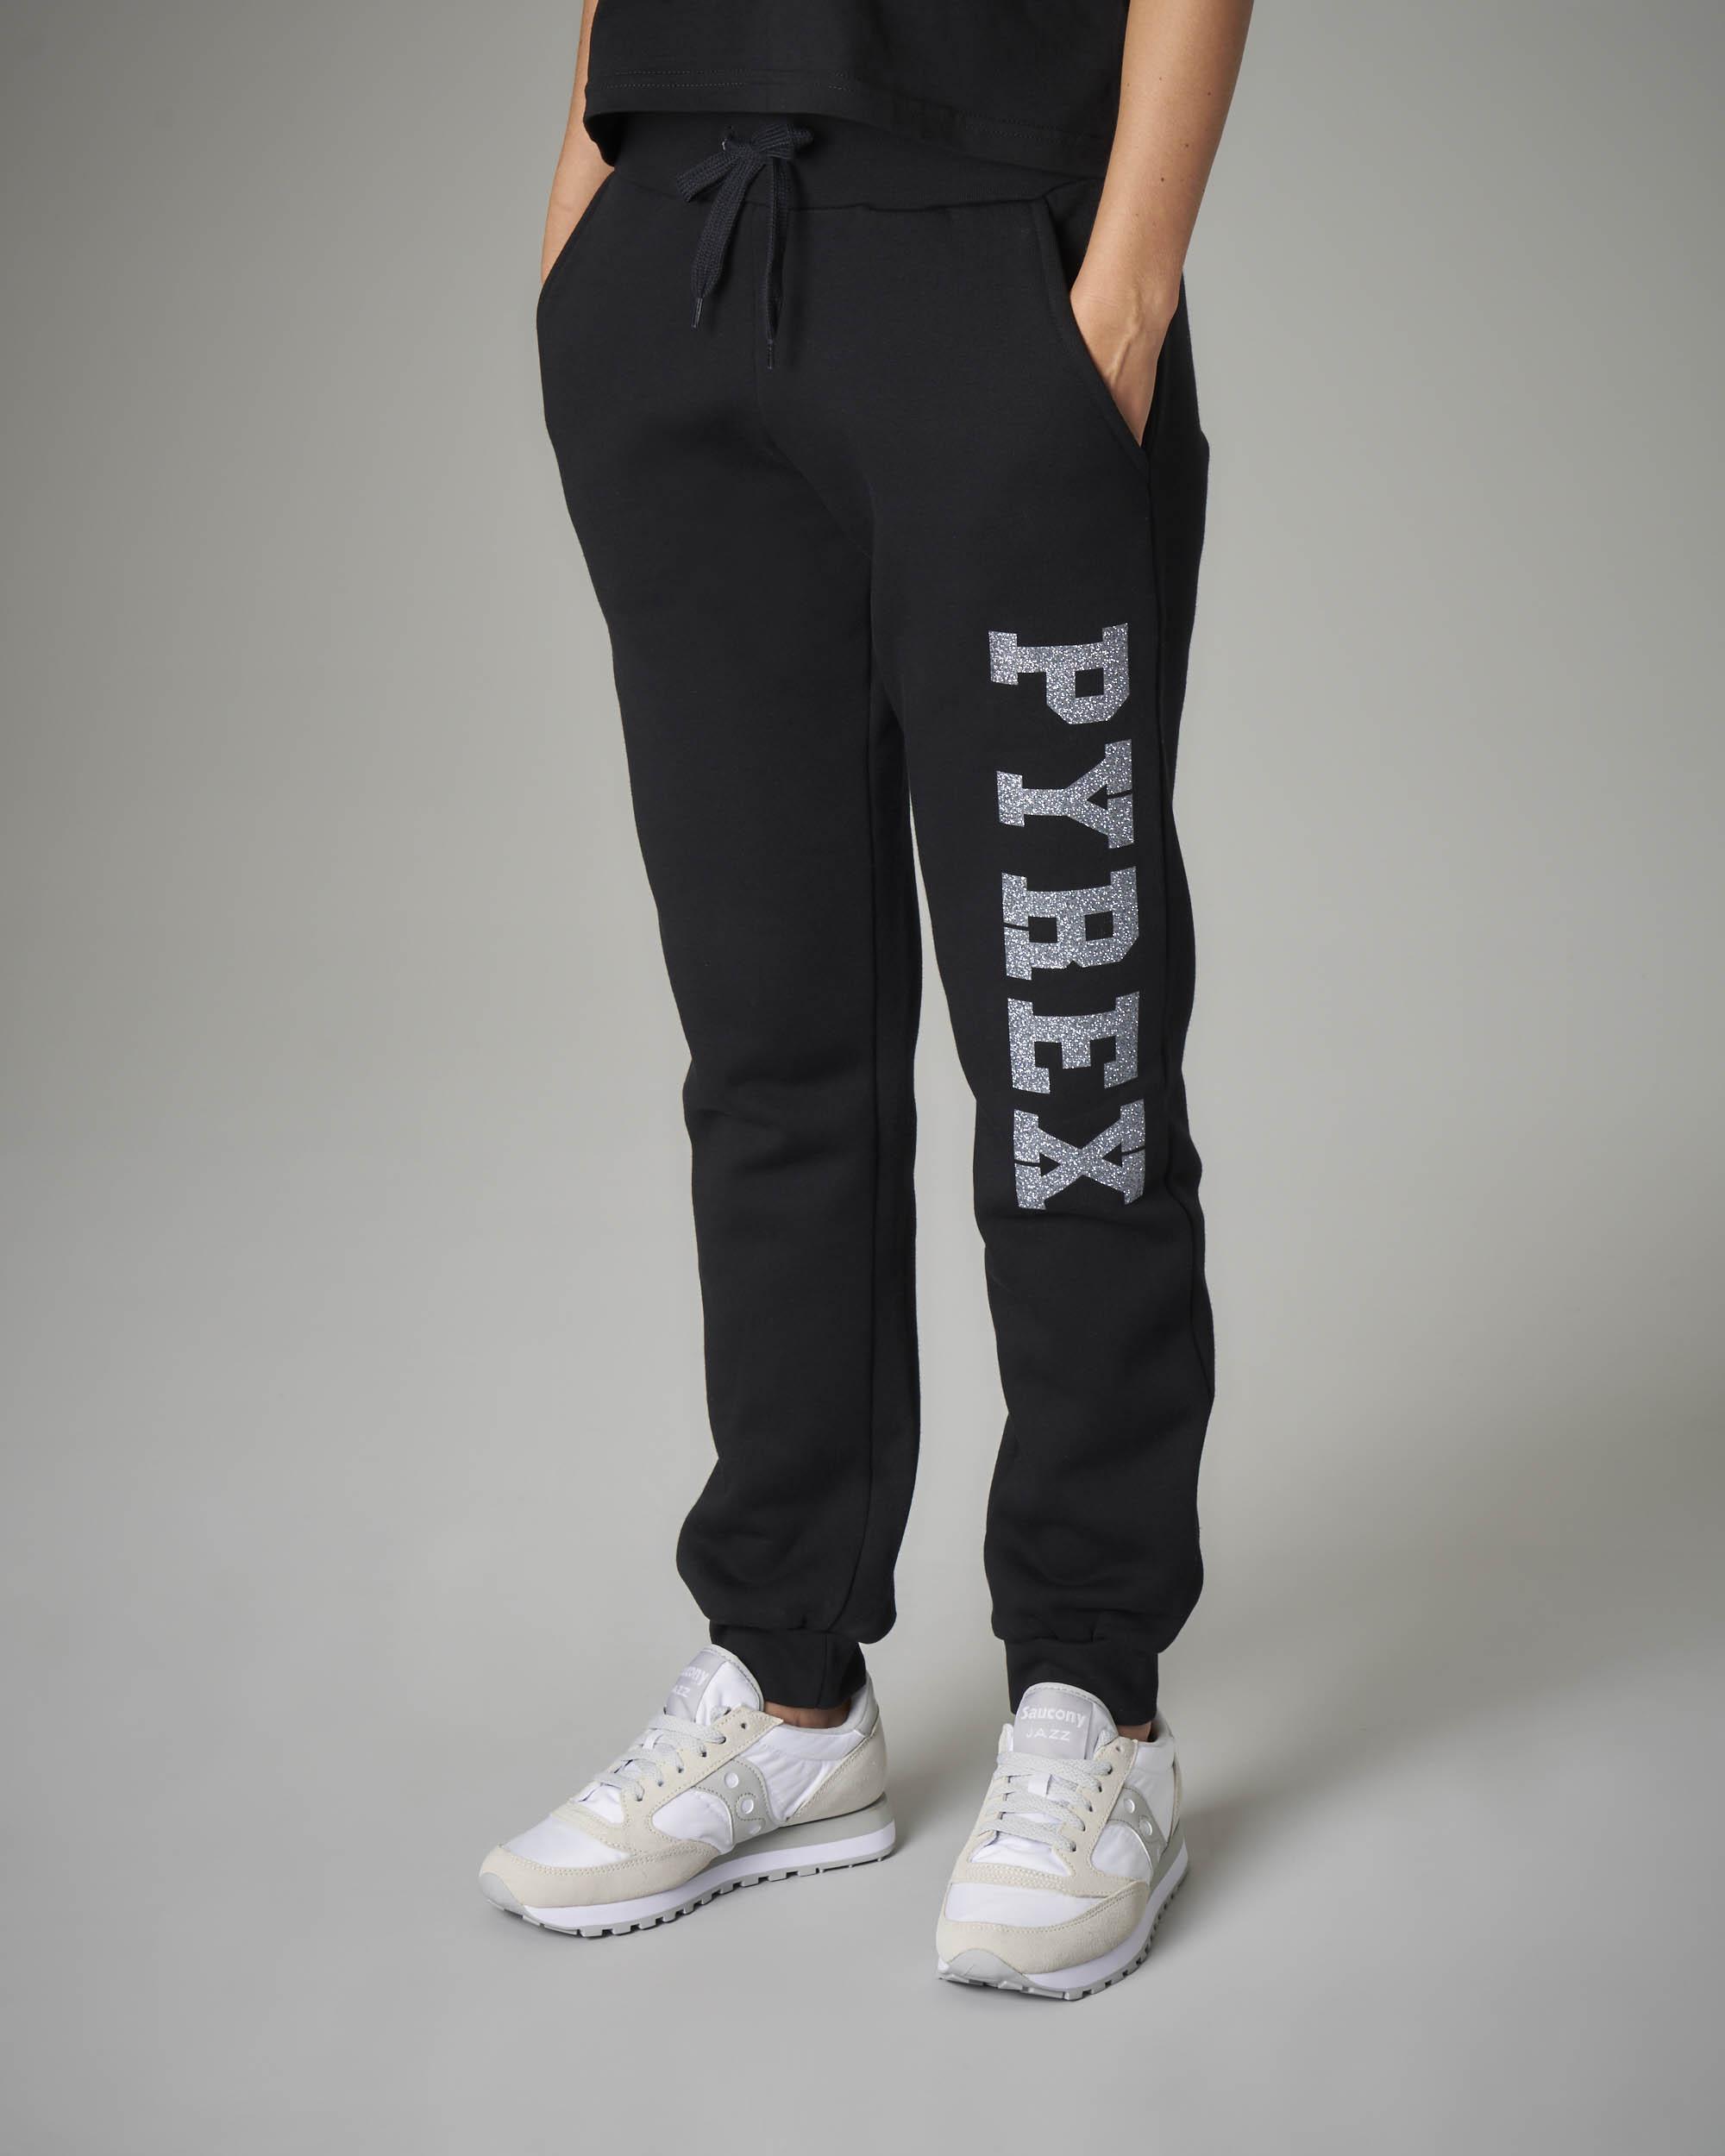 Pantaloni tuta neri con logo